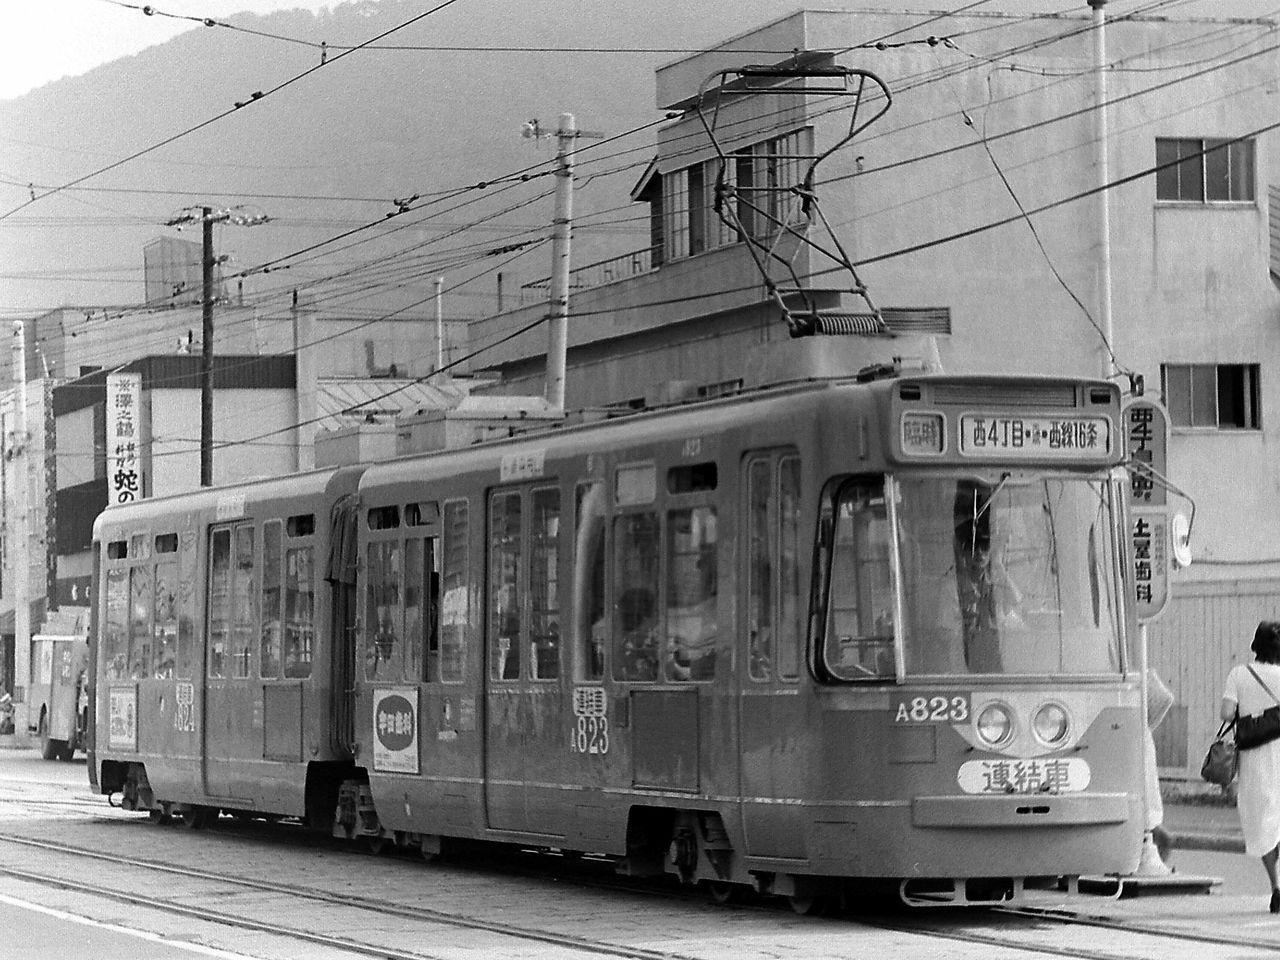 札幌市交通局A820形電車